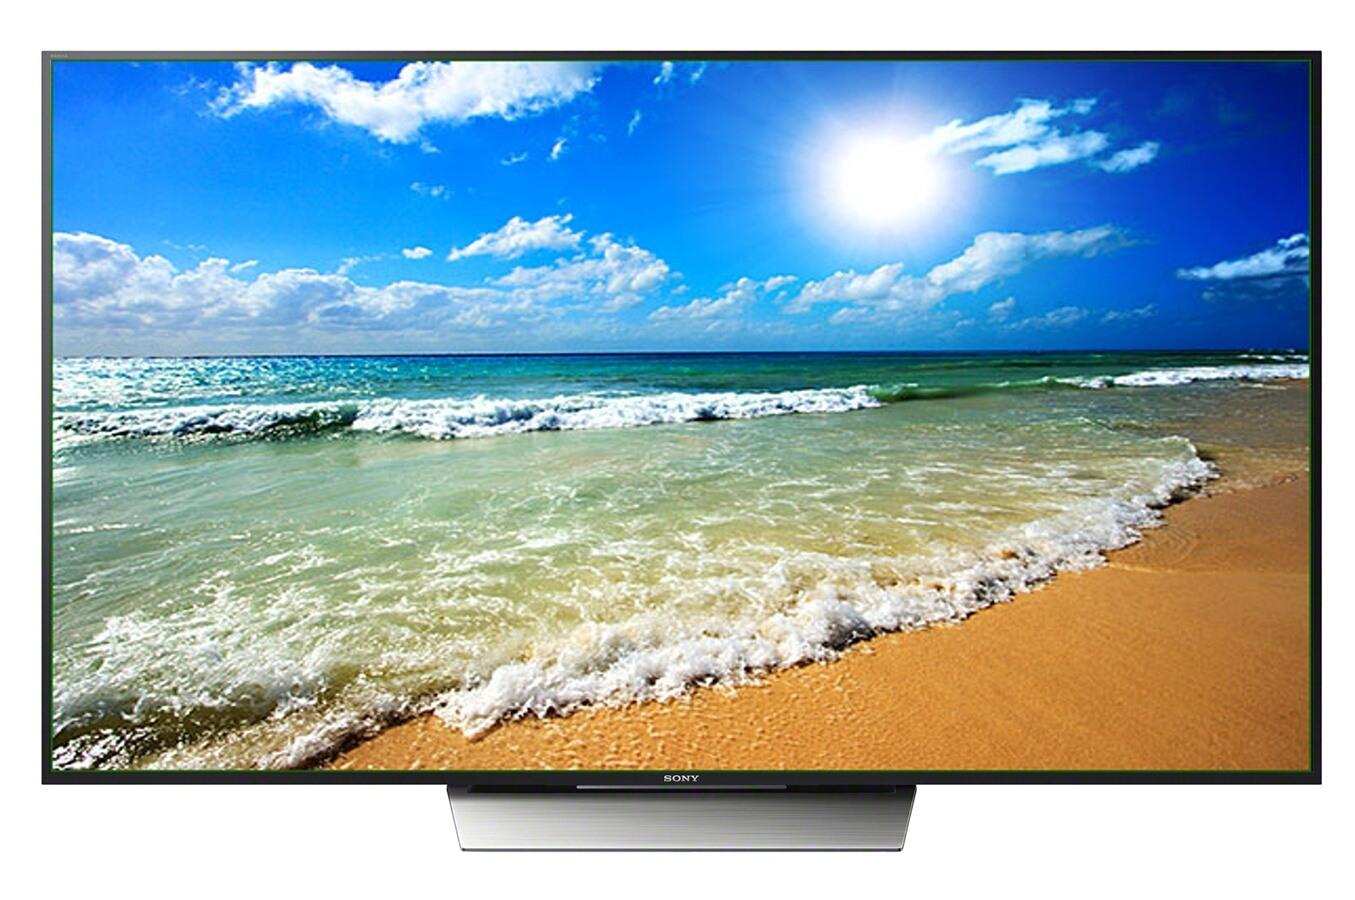 nav achat hifi video televiseurs led grand ecran filtre  televiseur avec technologie hz et plus